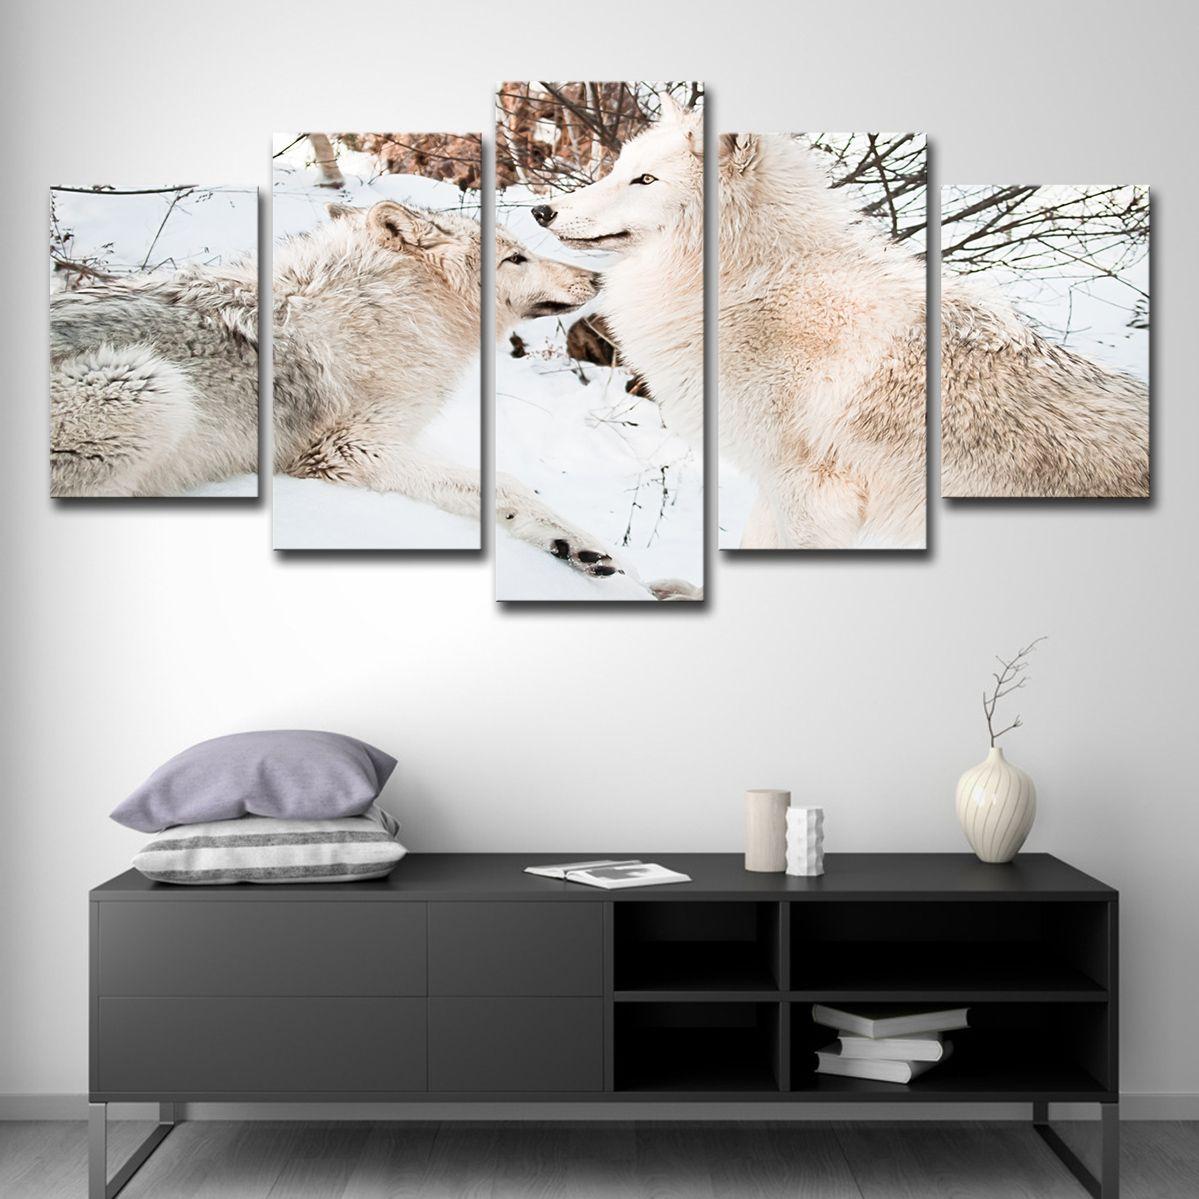 HD Impresso 5 Peças Da Lona Da Arte Da Pintura Branca de Neve Casais Lobo Cartaz Da Parede Pictures para Sala de estar Frete Grátis